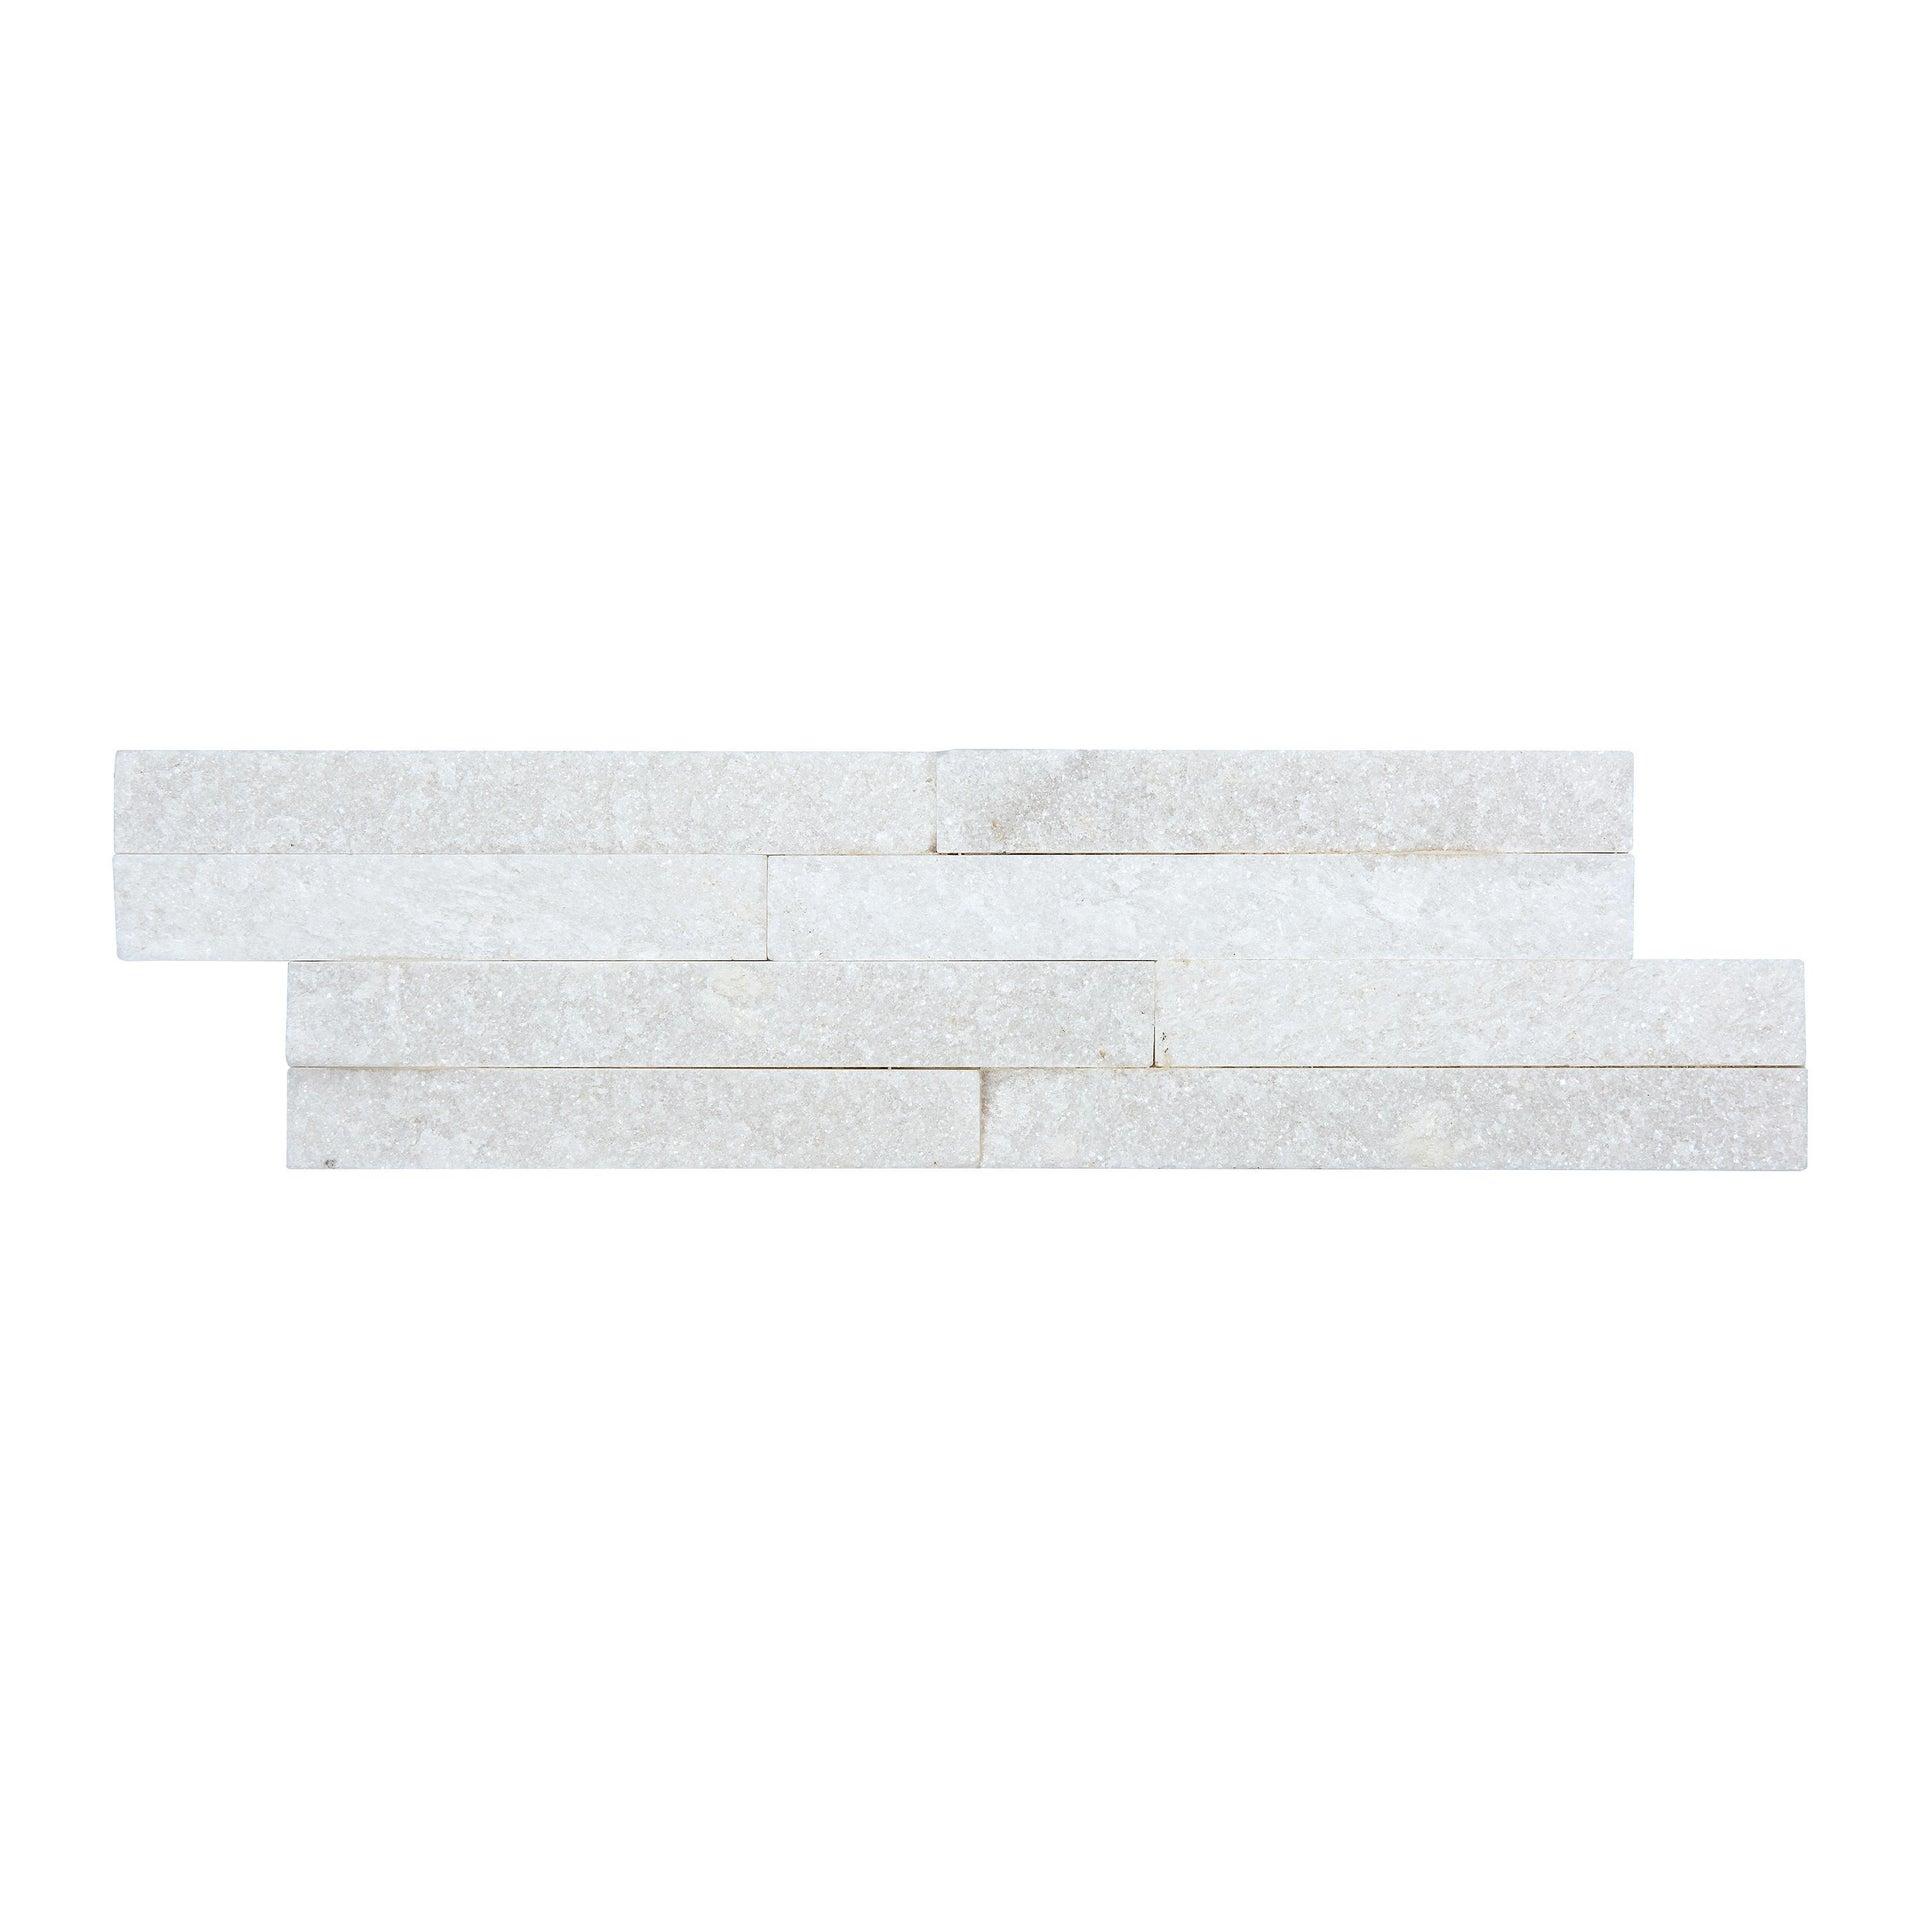 Rivestimento strutturato in pietra naturale Jimara L 36 x L 10 cm, Sp 12 mm interno / esterno - 2